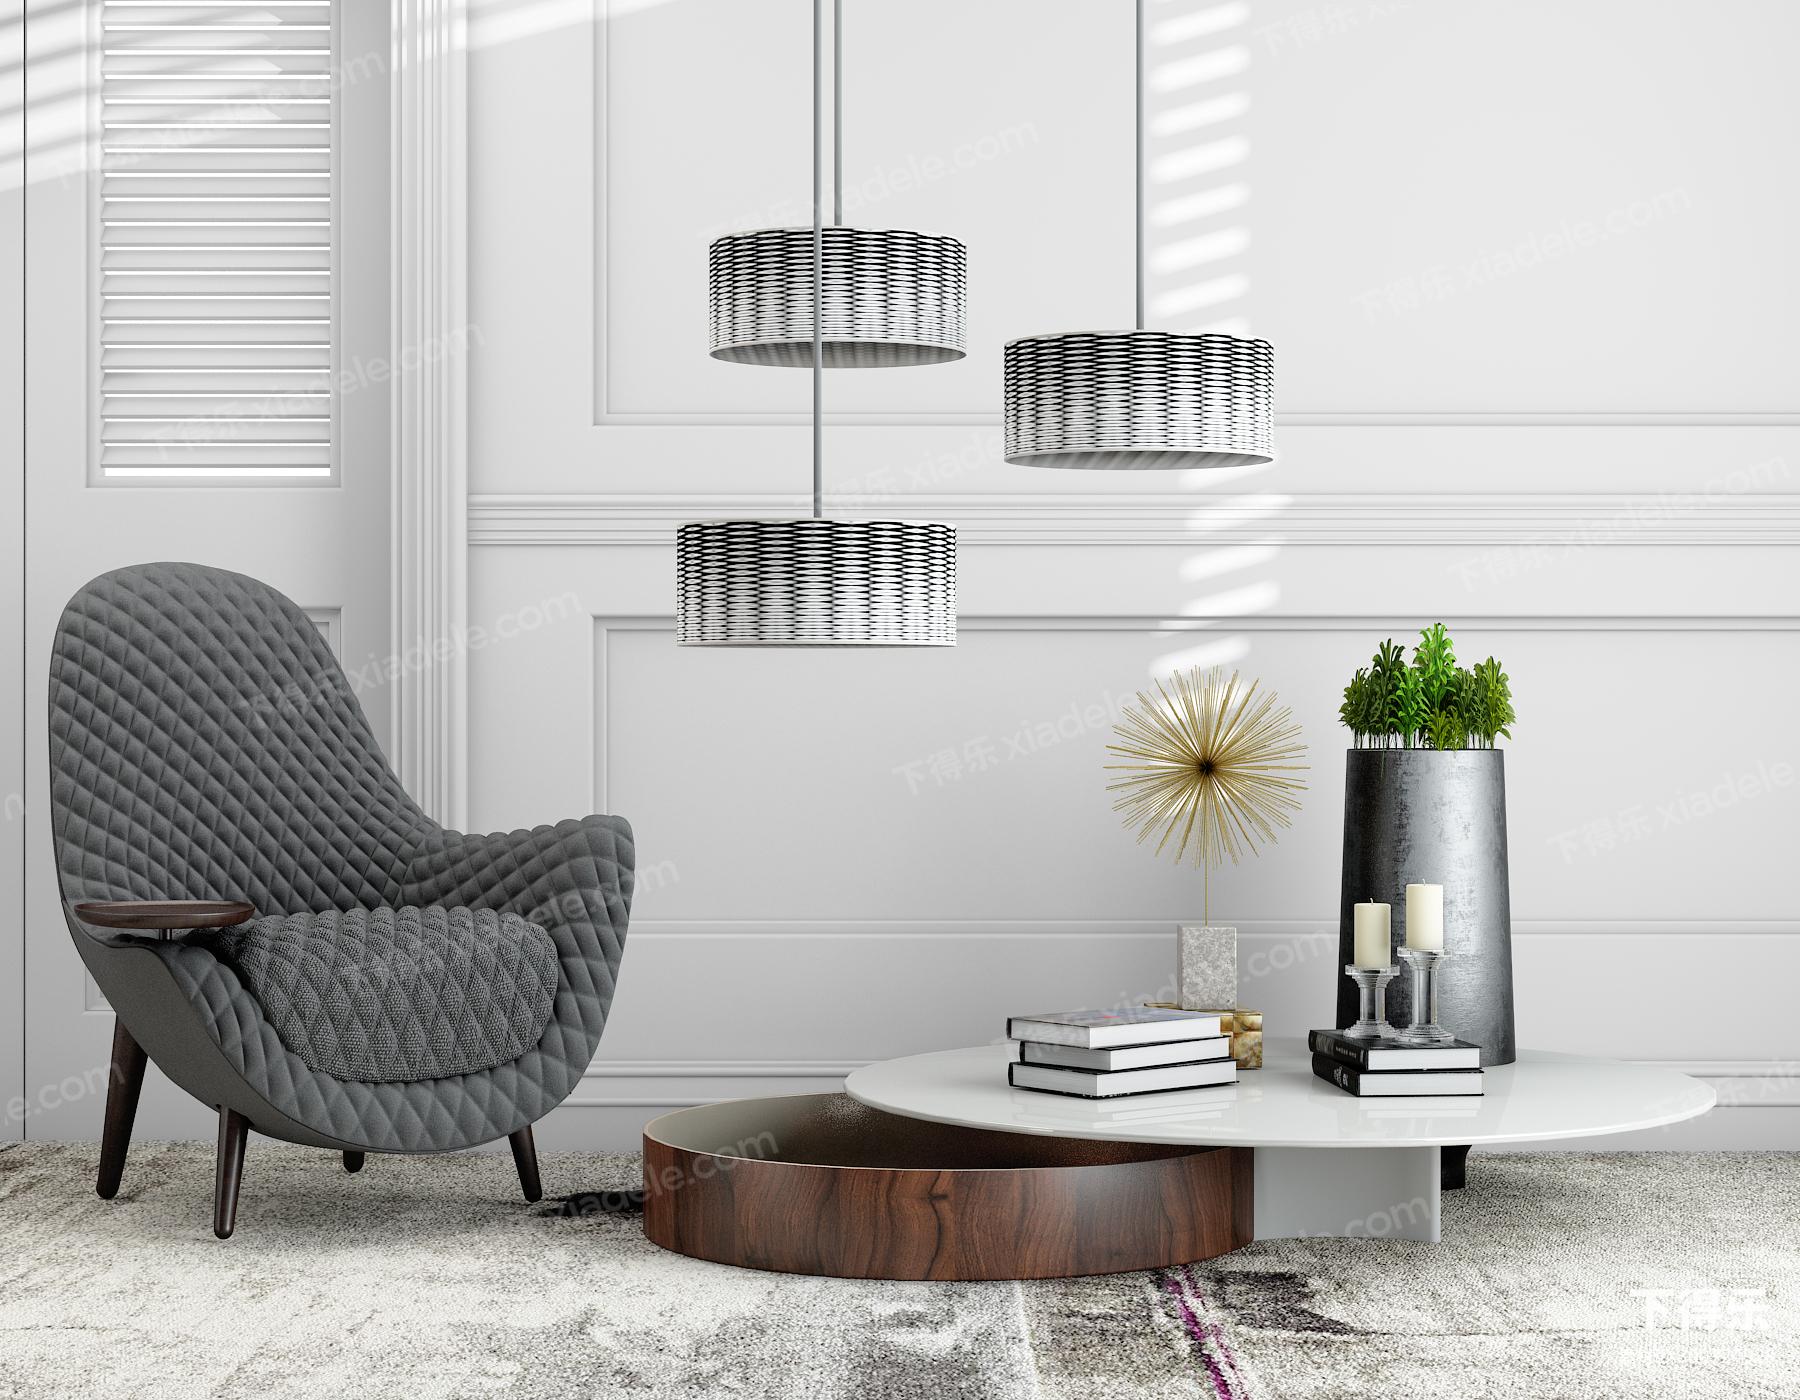 作品点评 技能练习 户型优化 创意设计  现代单椅茶几吊灯组合3d模型